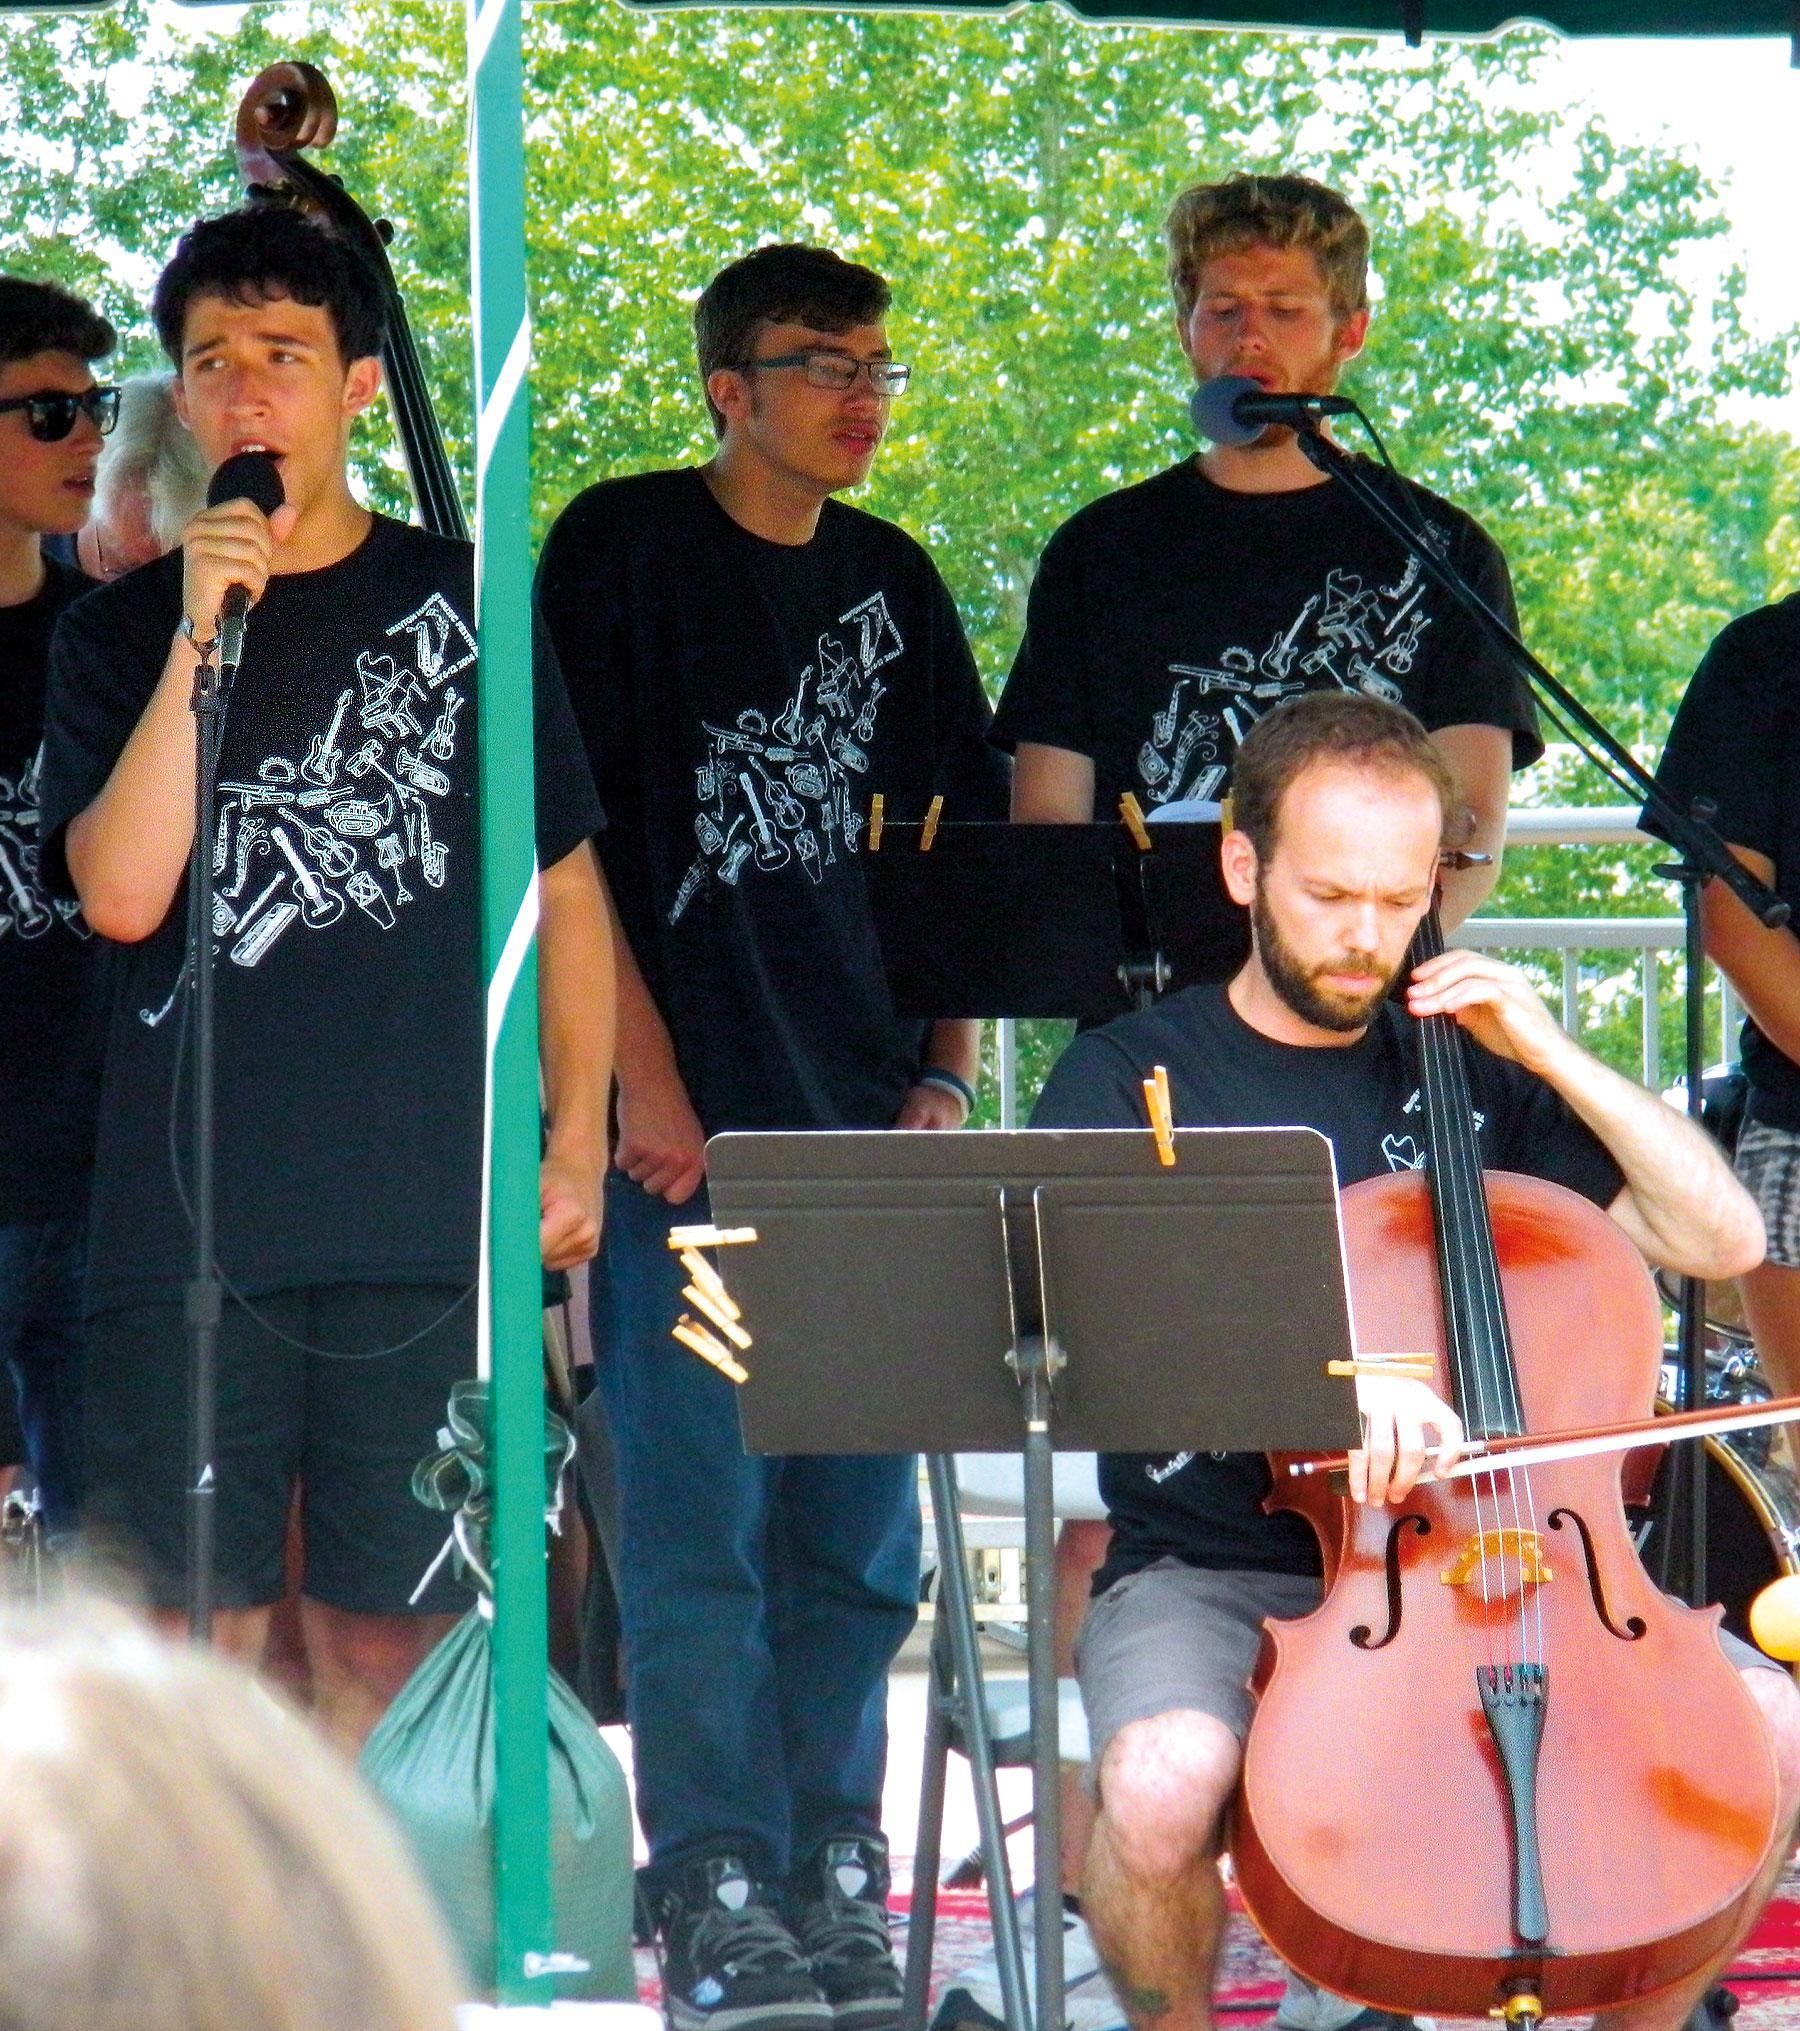 Blane Harbor Music Festival